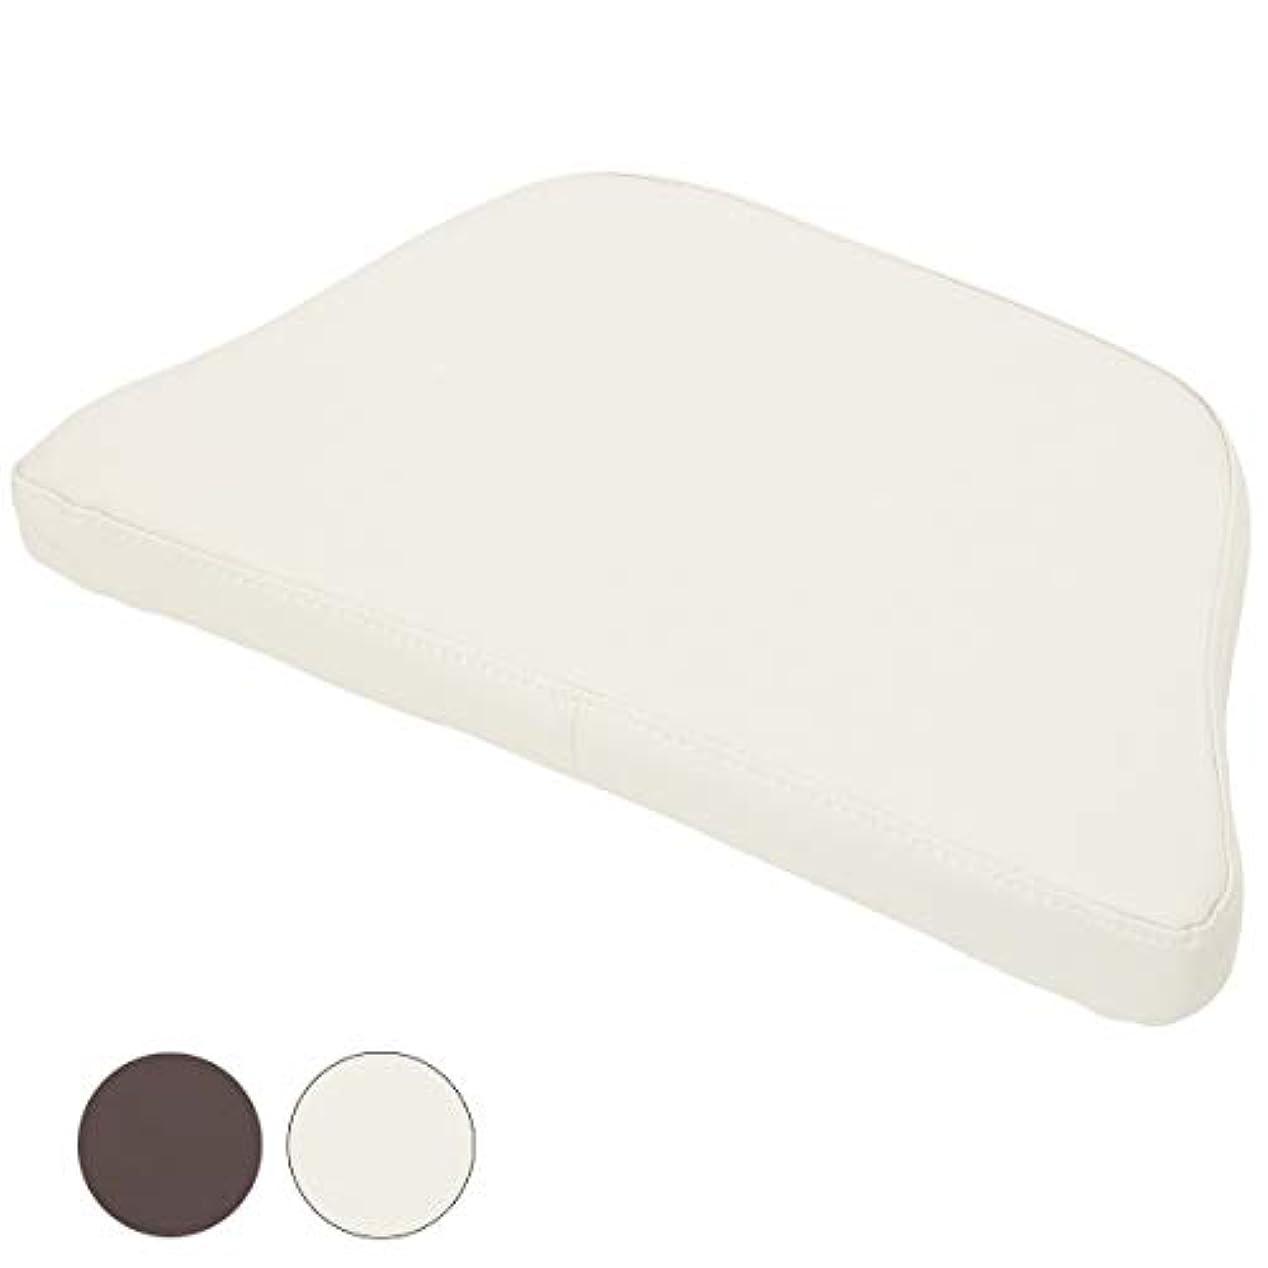 フェイシャルベッド用 マクラ 全2色 ホワイト [ フェイシャルベッド マッサージベッド 施術ベッド 整体ベッド エステベッド マッサージ台 施術台 マッサージ枕 マッサージマクラ リクライニング 整体 ベッド 枕 ]